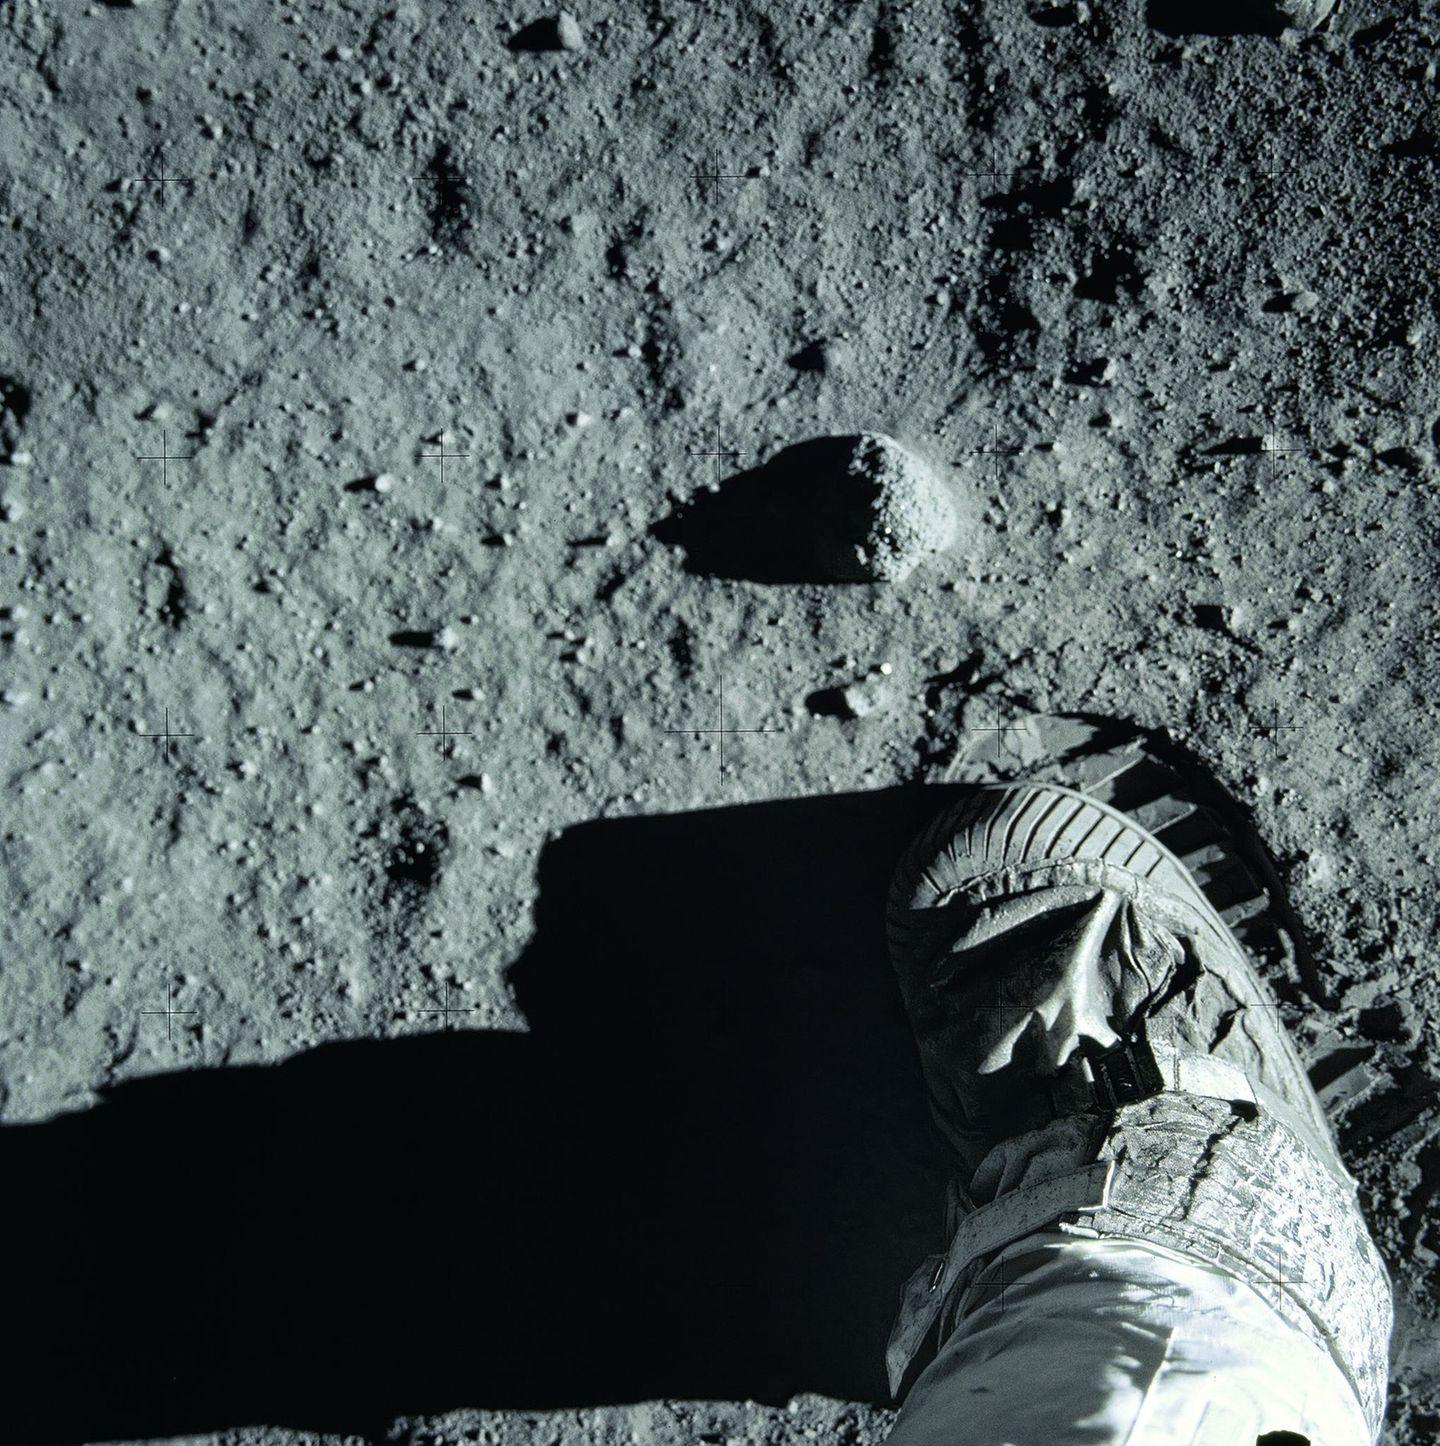 Buzz Aldrins Fußabdruck auf der Mondoberfläche. Von den drei Astronauten der Apollo-11-Mission ist er der einzige, der heute noch lebt. Sein Alter: 89 Jahre.